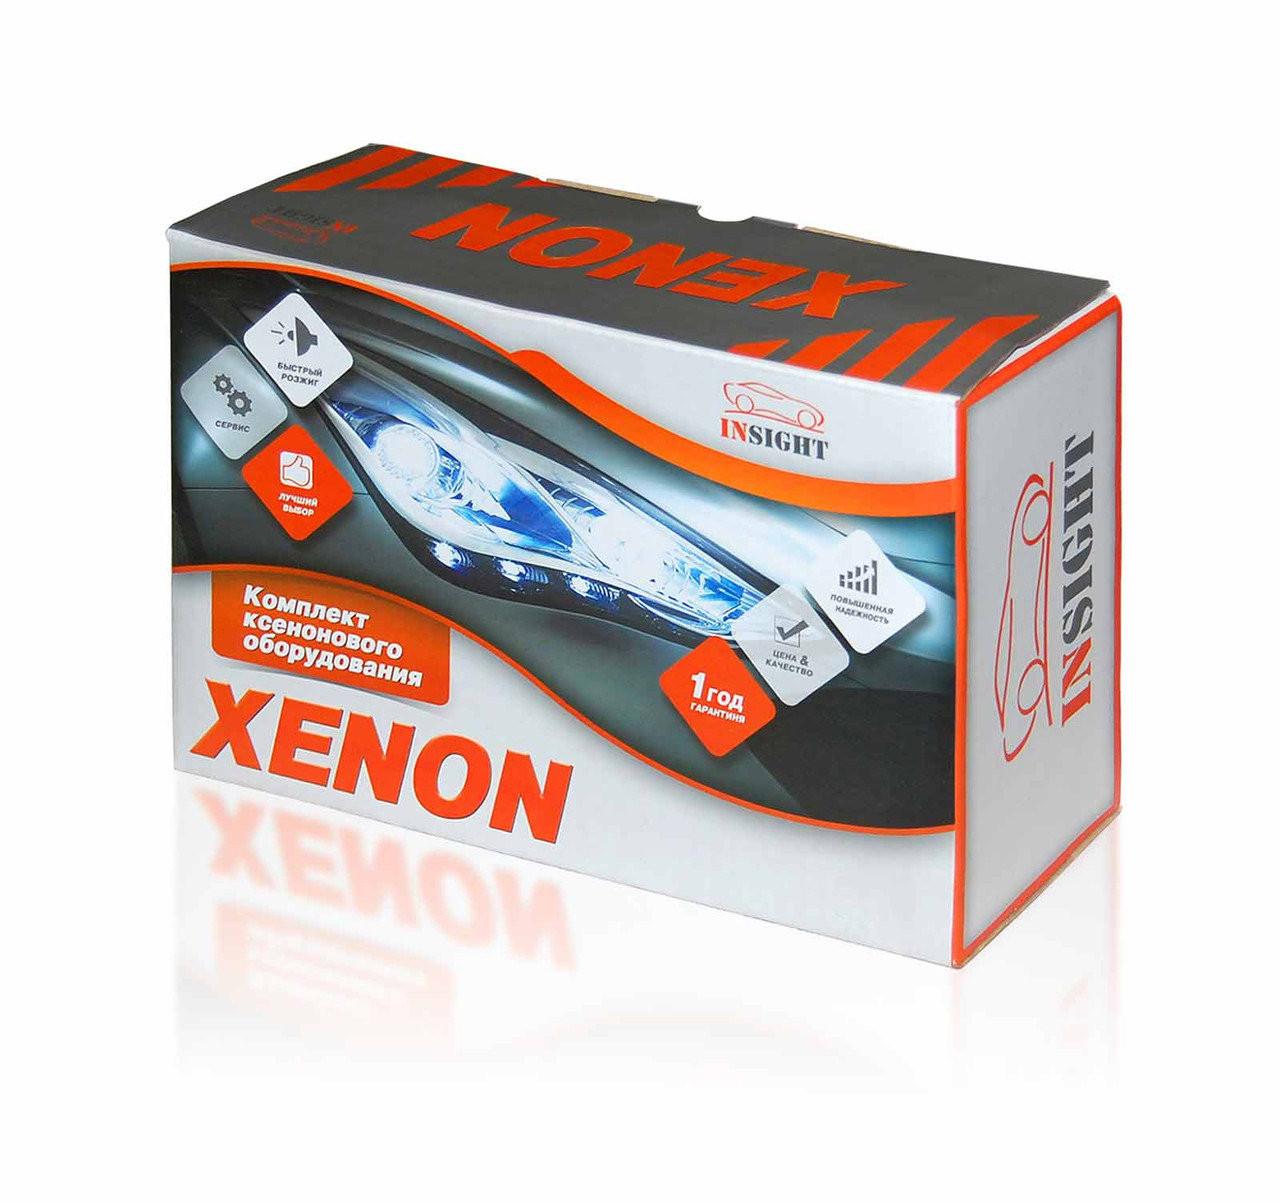 Ксенон Insight HB3 9005 6000k